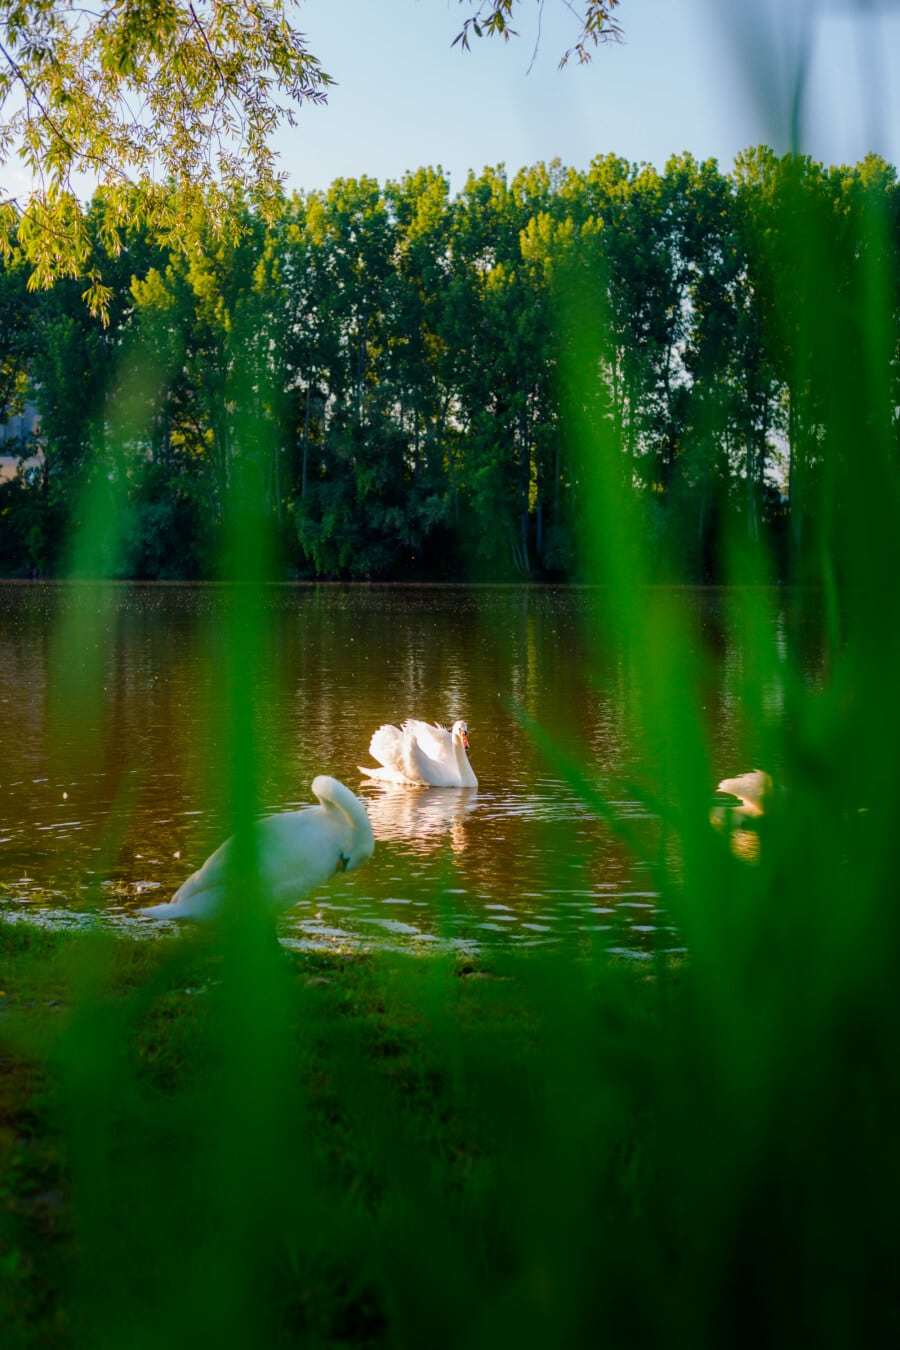 Wasserpflanze, Schwan, aquatische Vogel, grasbewachsenen, Küste, Herde, Gruppe, Vögel, Natur, Wasser